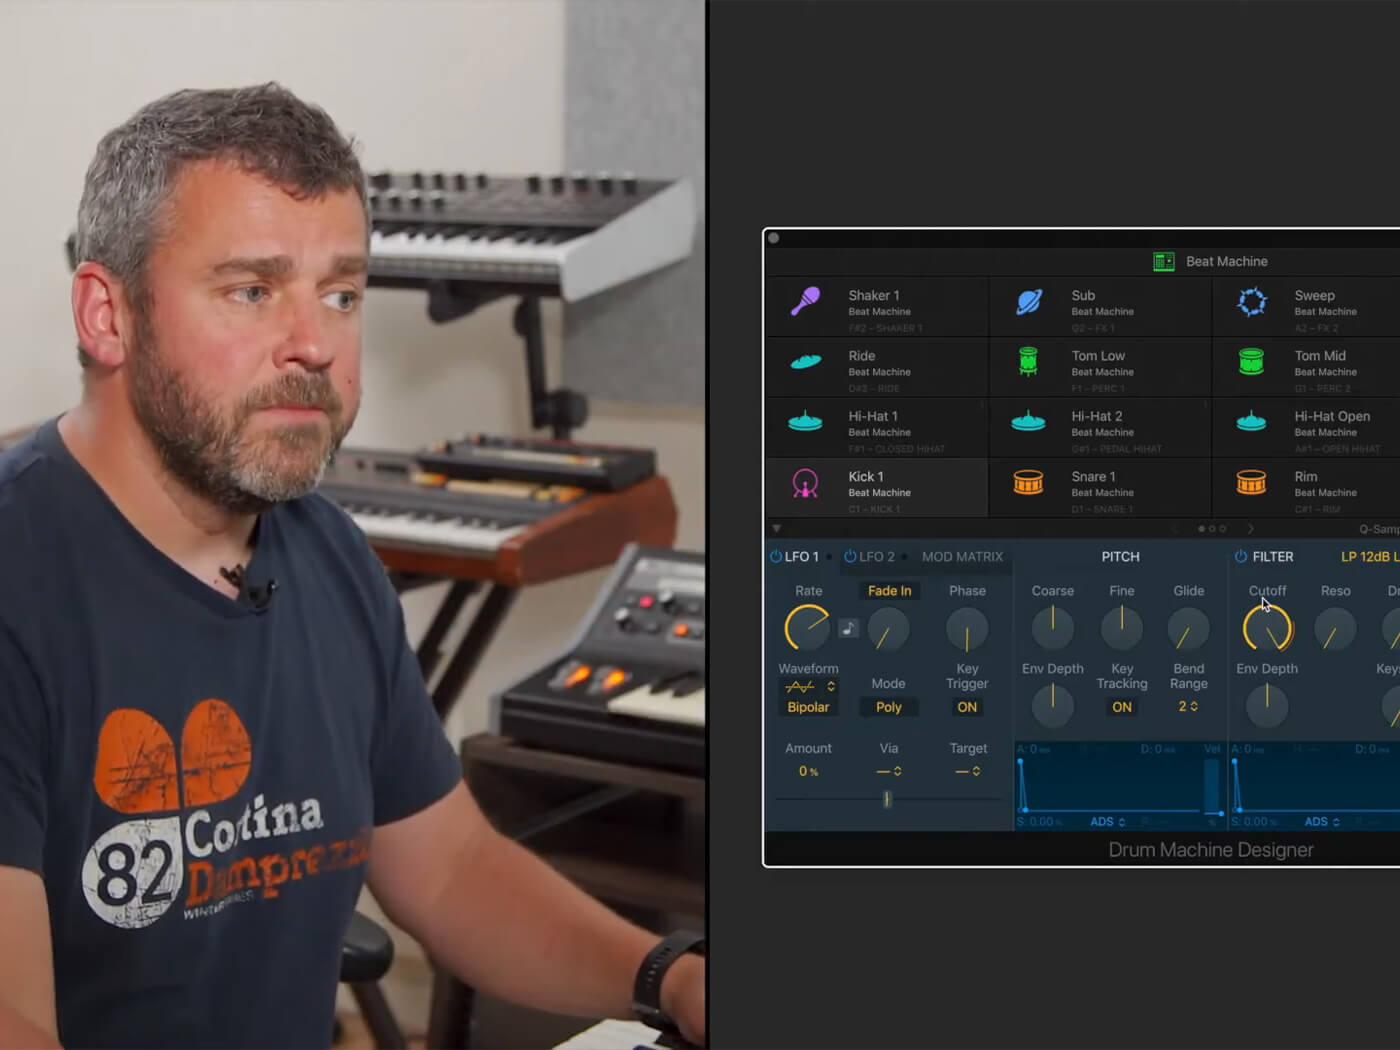 Logic Pro x drum machine designer